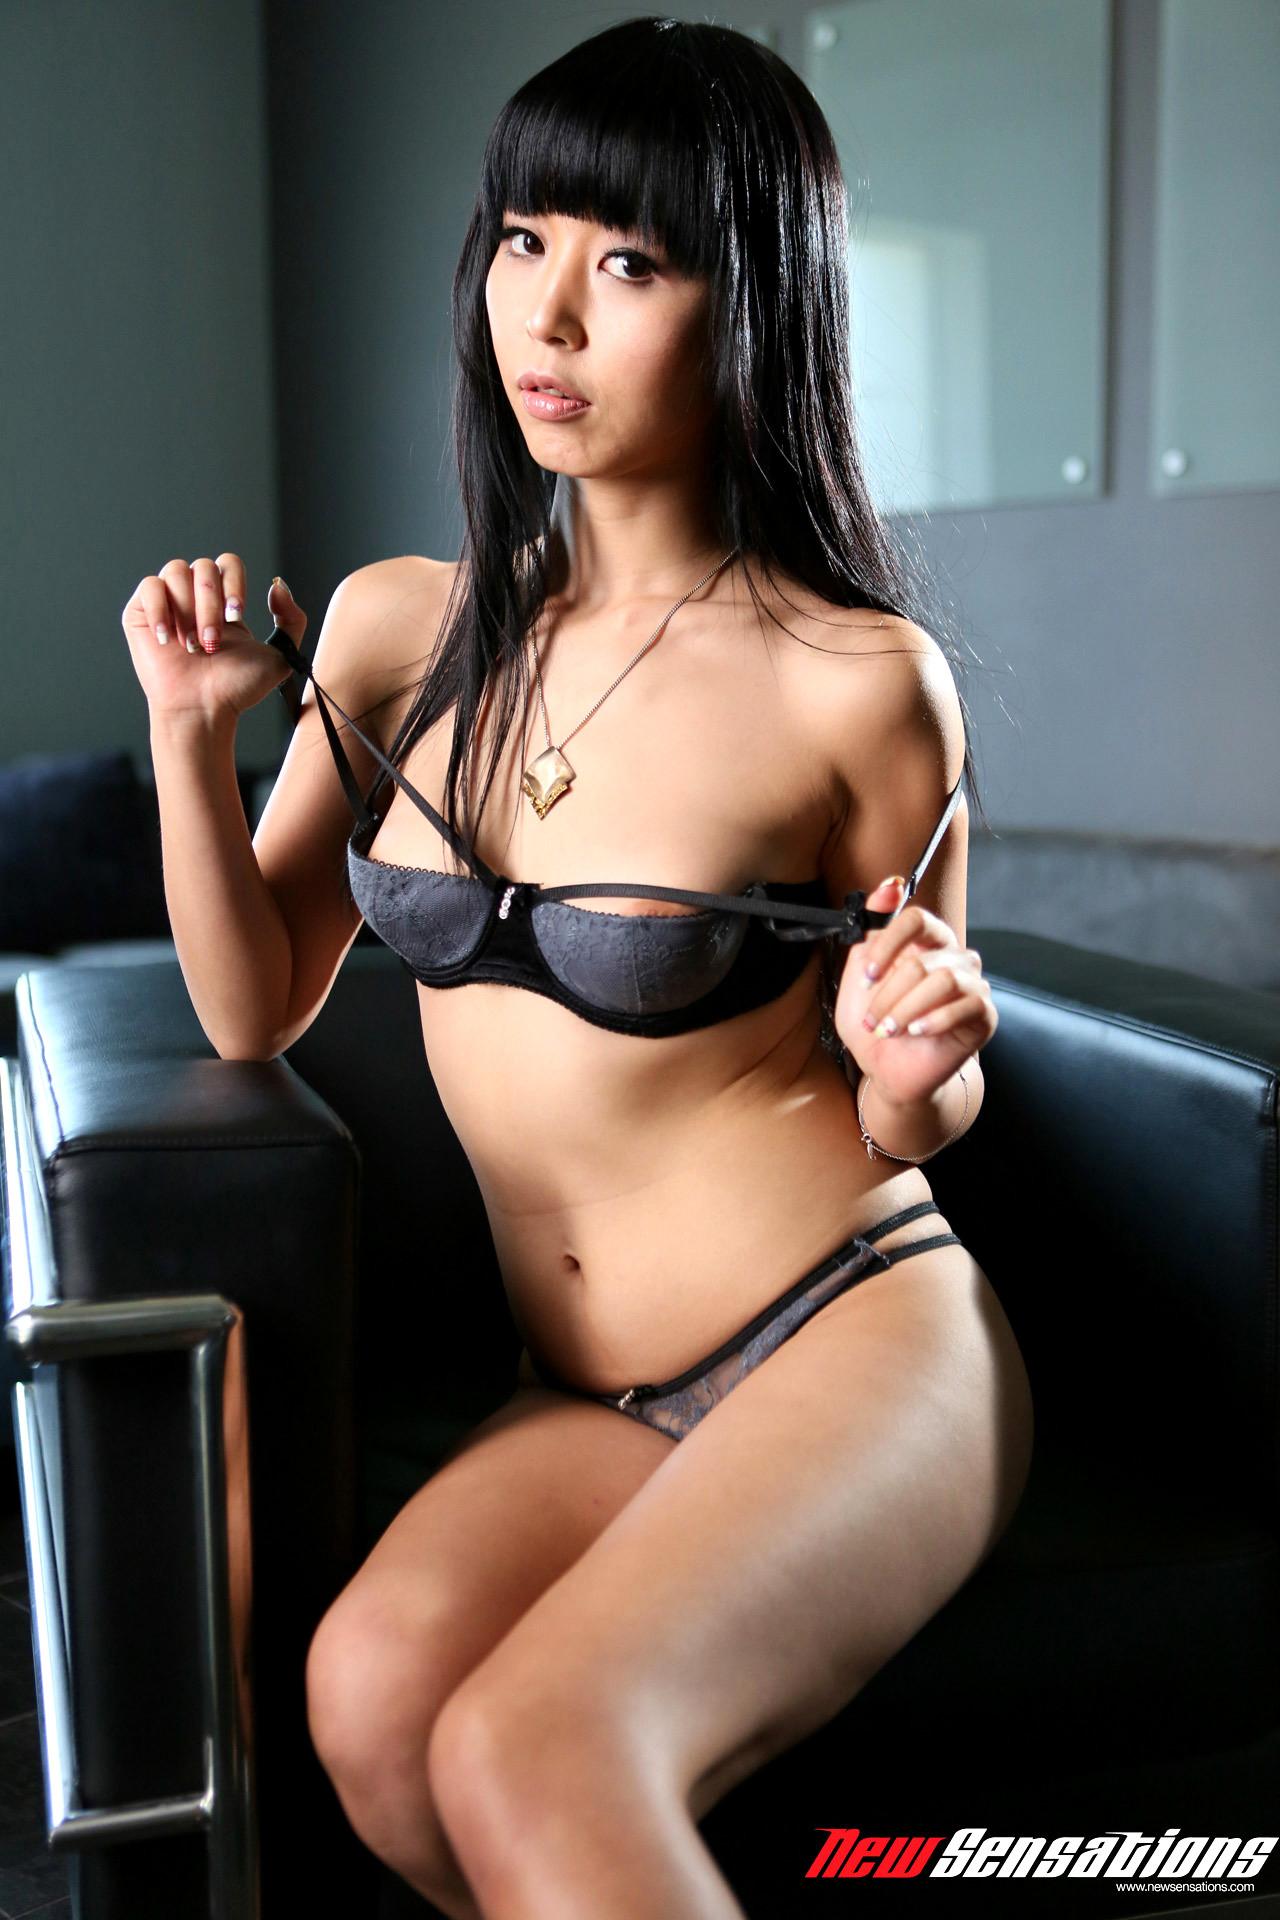 Diedra recommend Sito porno web cam live